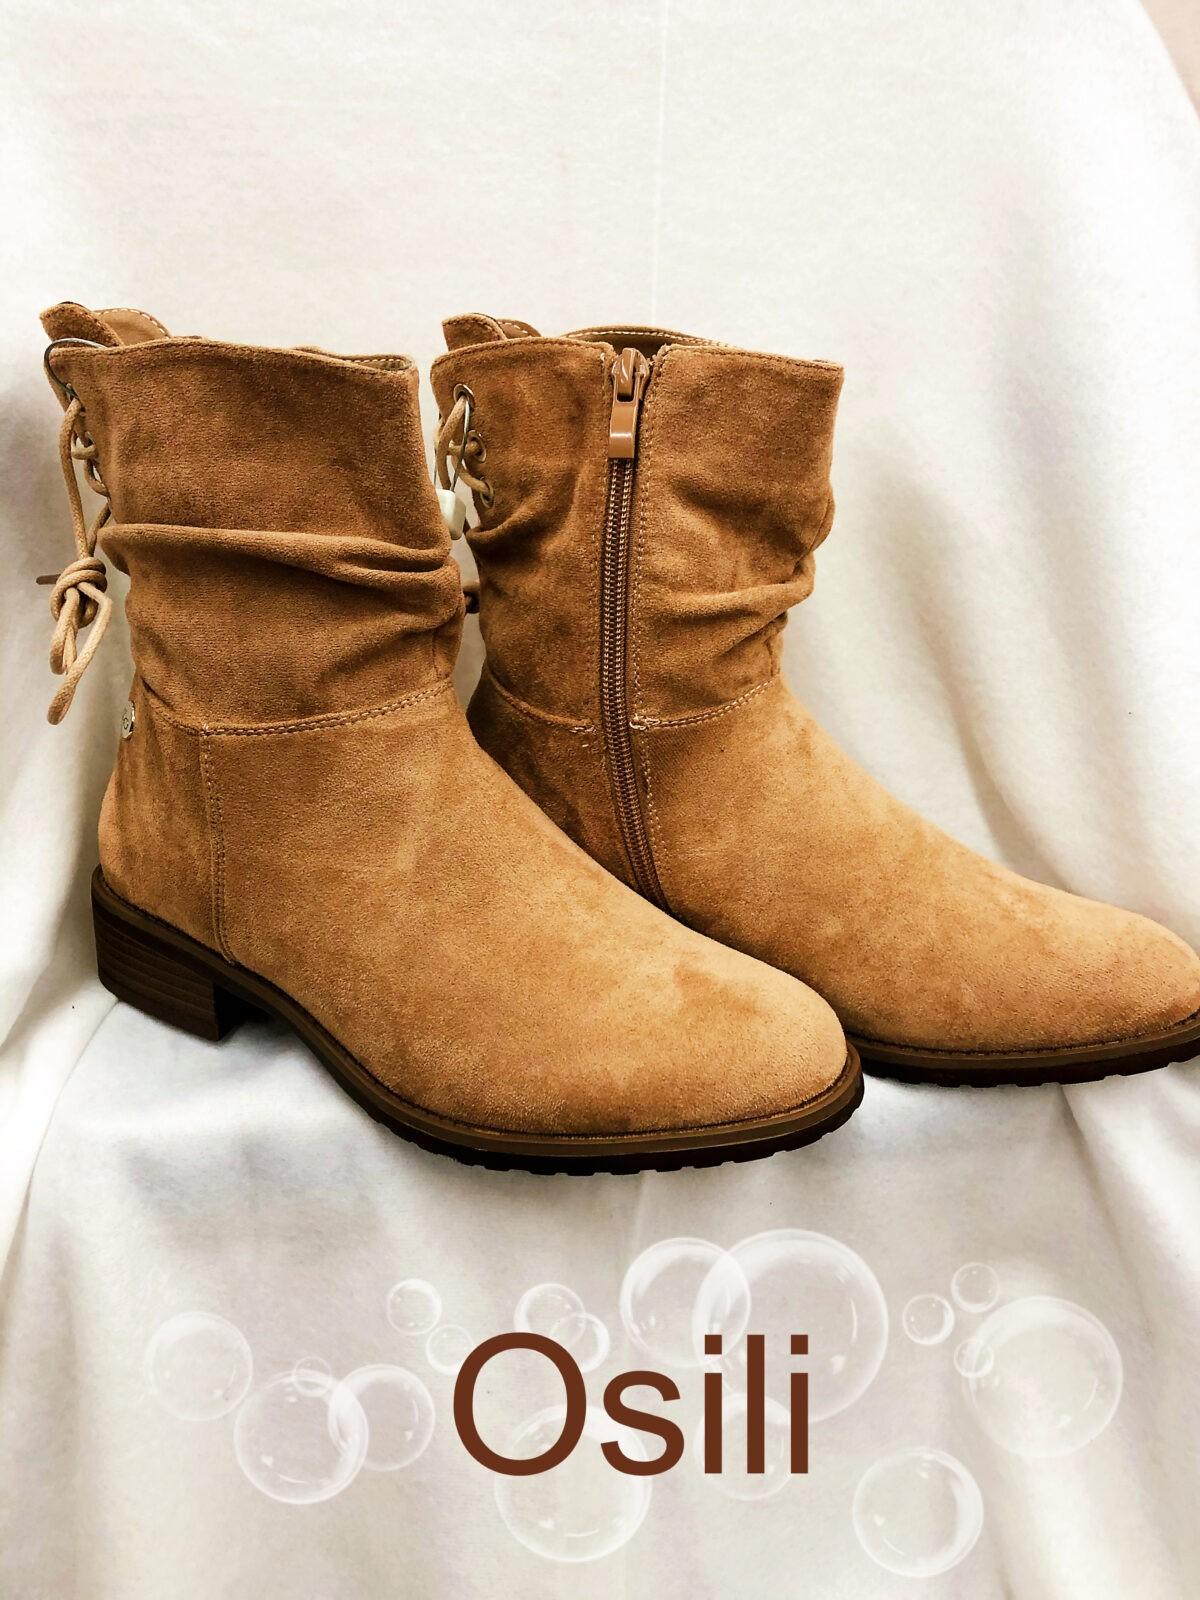 IMG 6944 scaled Osili - Fashion - Divat